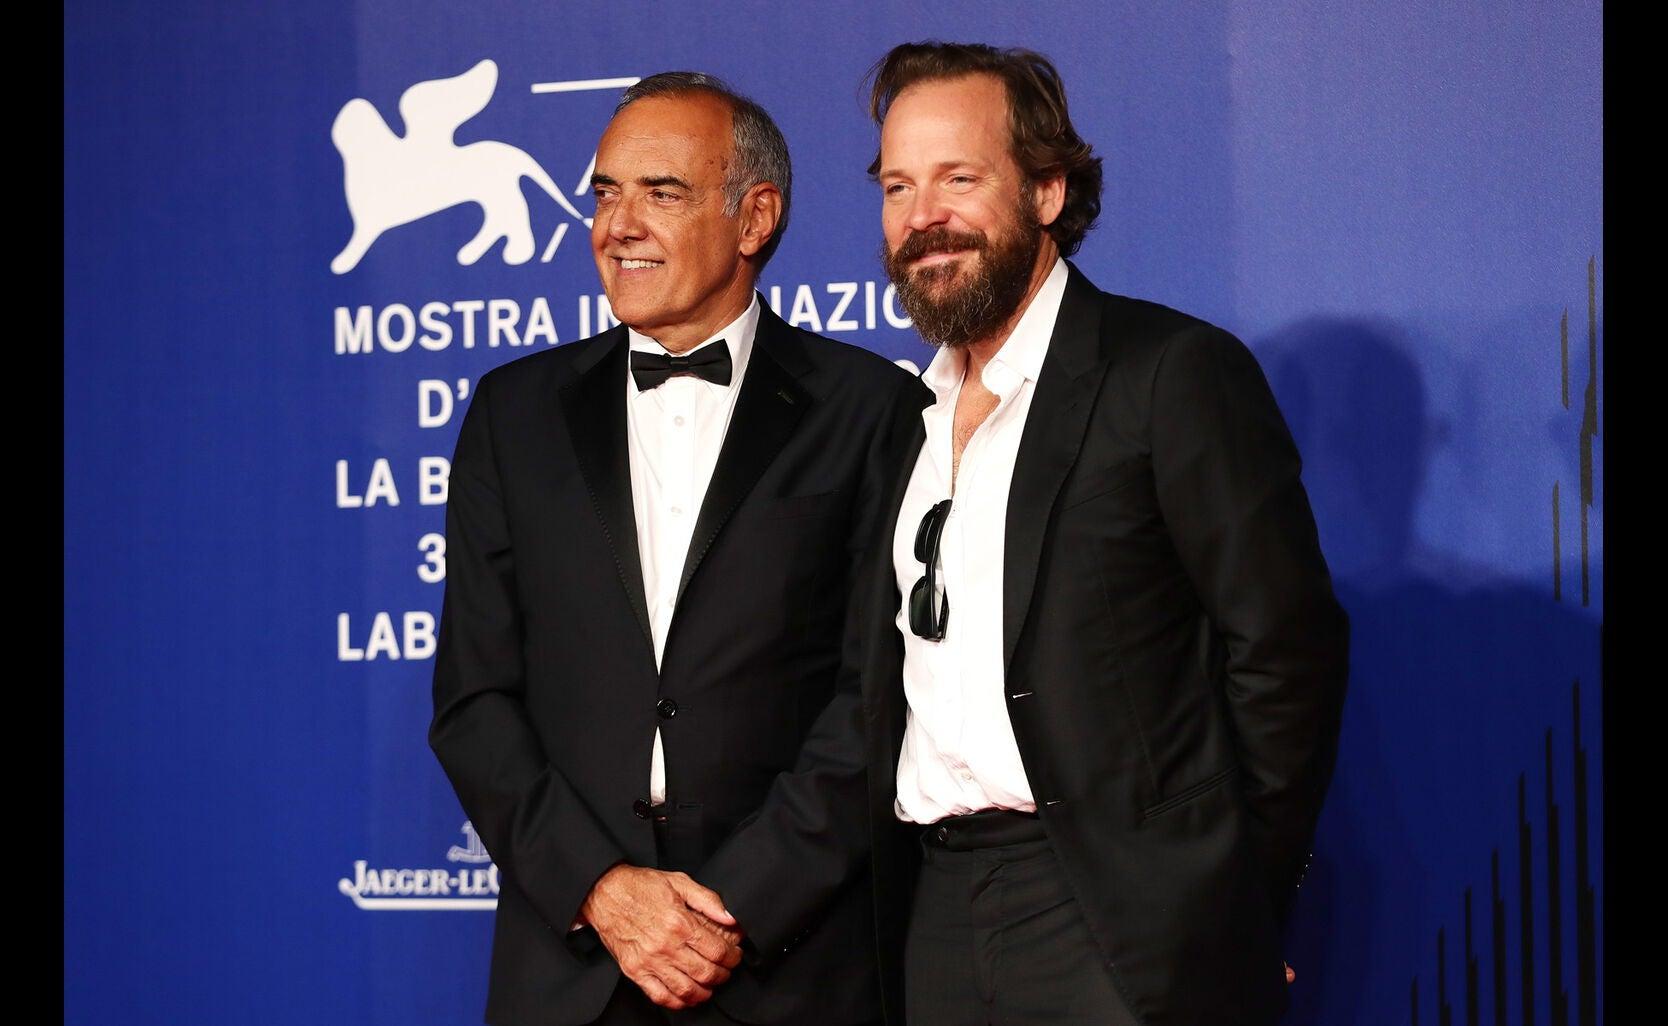 Alberto Barbera and Peter Sarsgaard